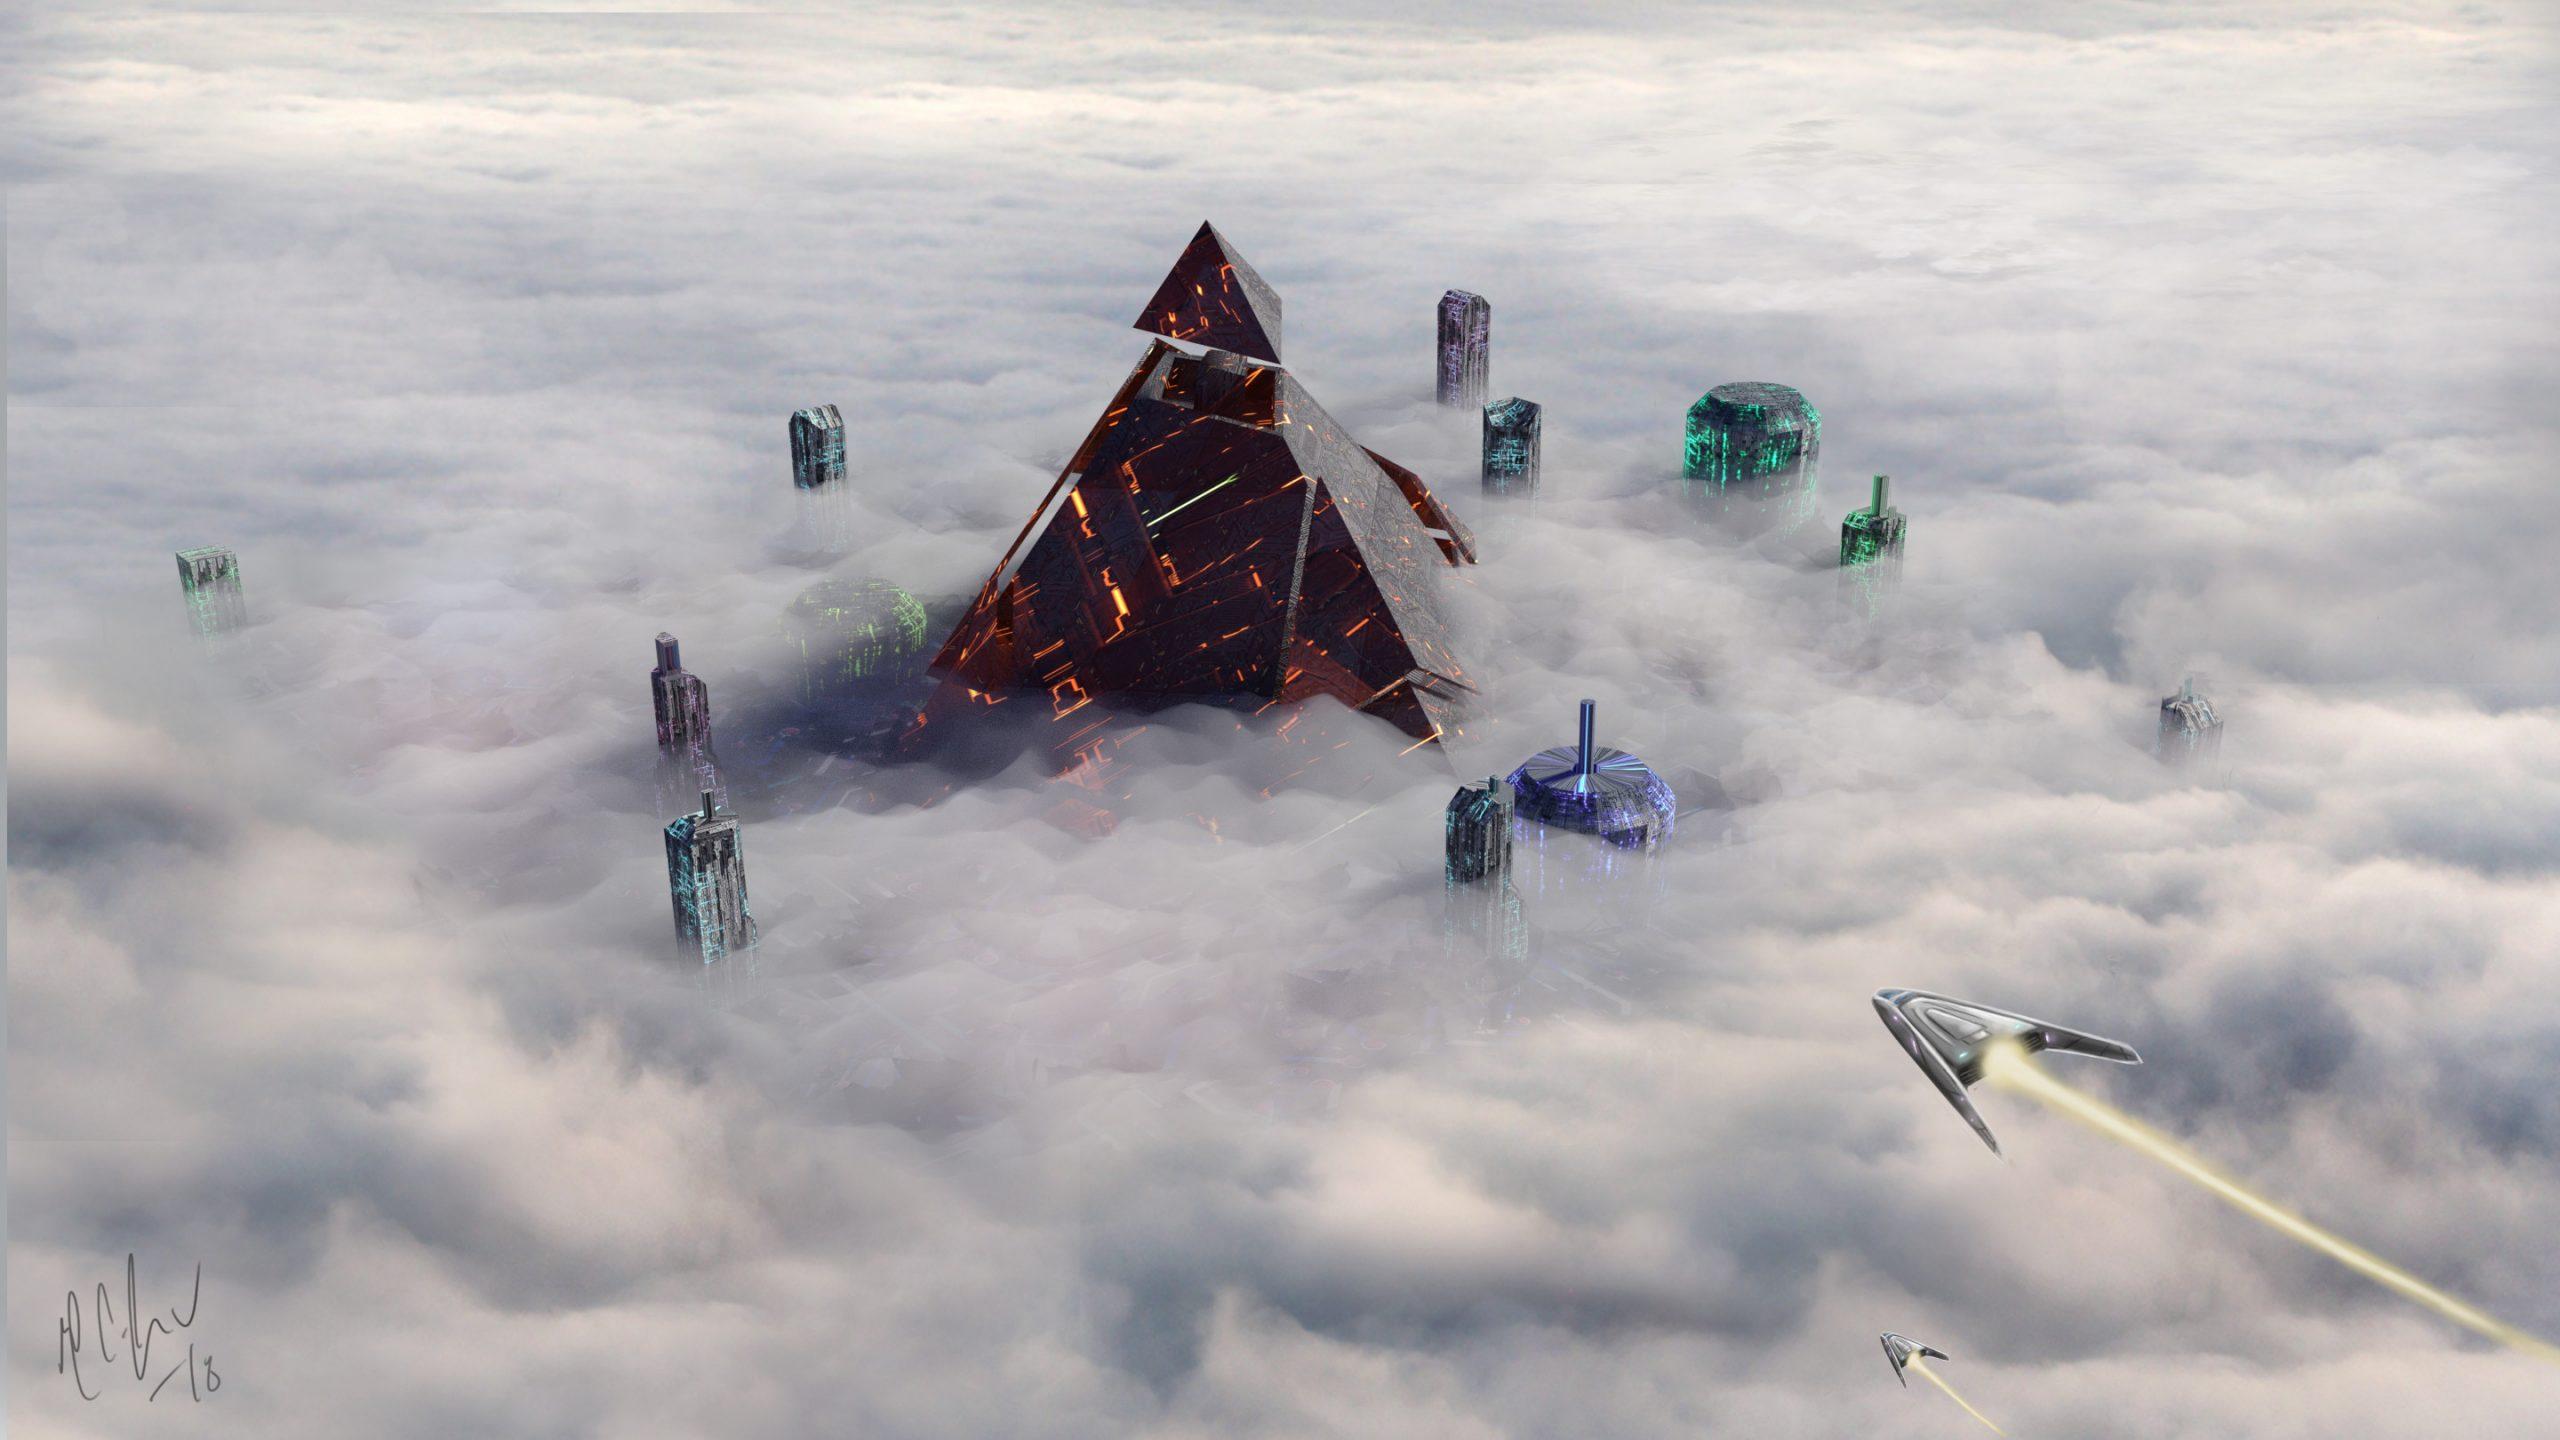 Future Pyramid by Paul Johnson V